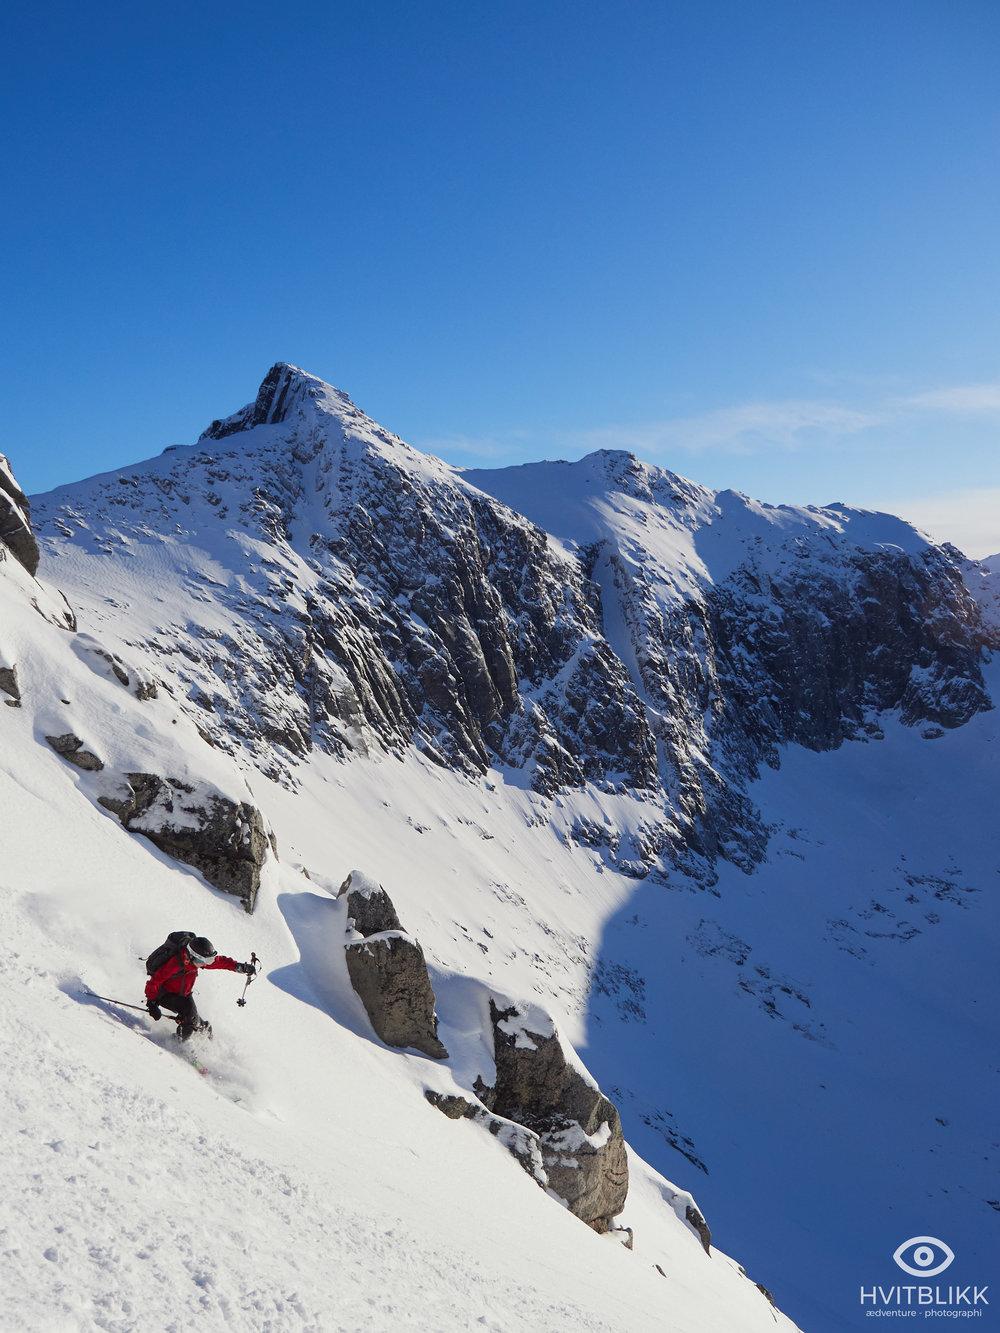 Fri flyt - Utsultet på snø